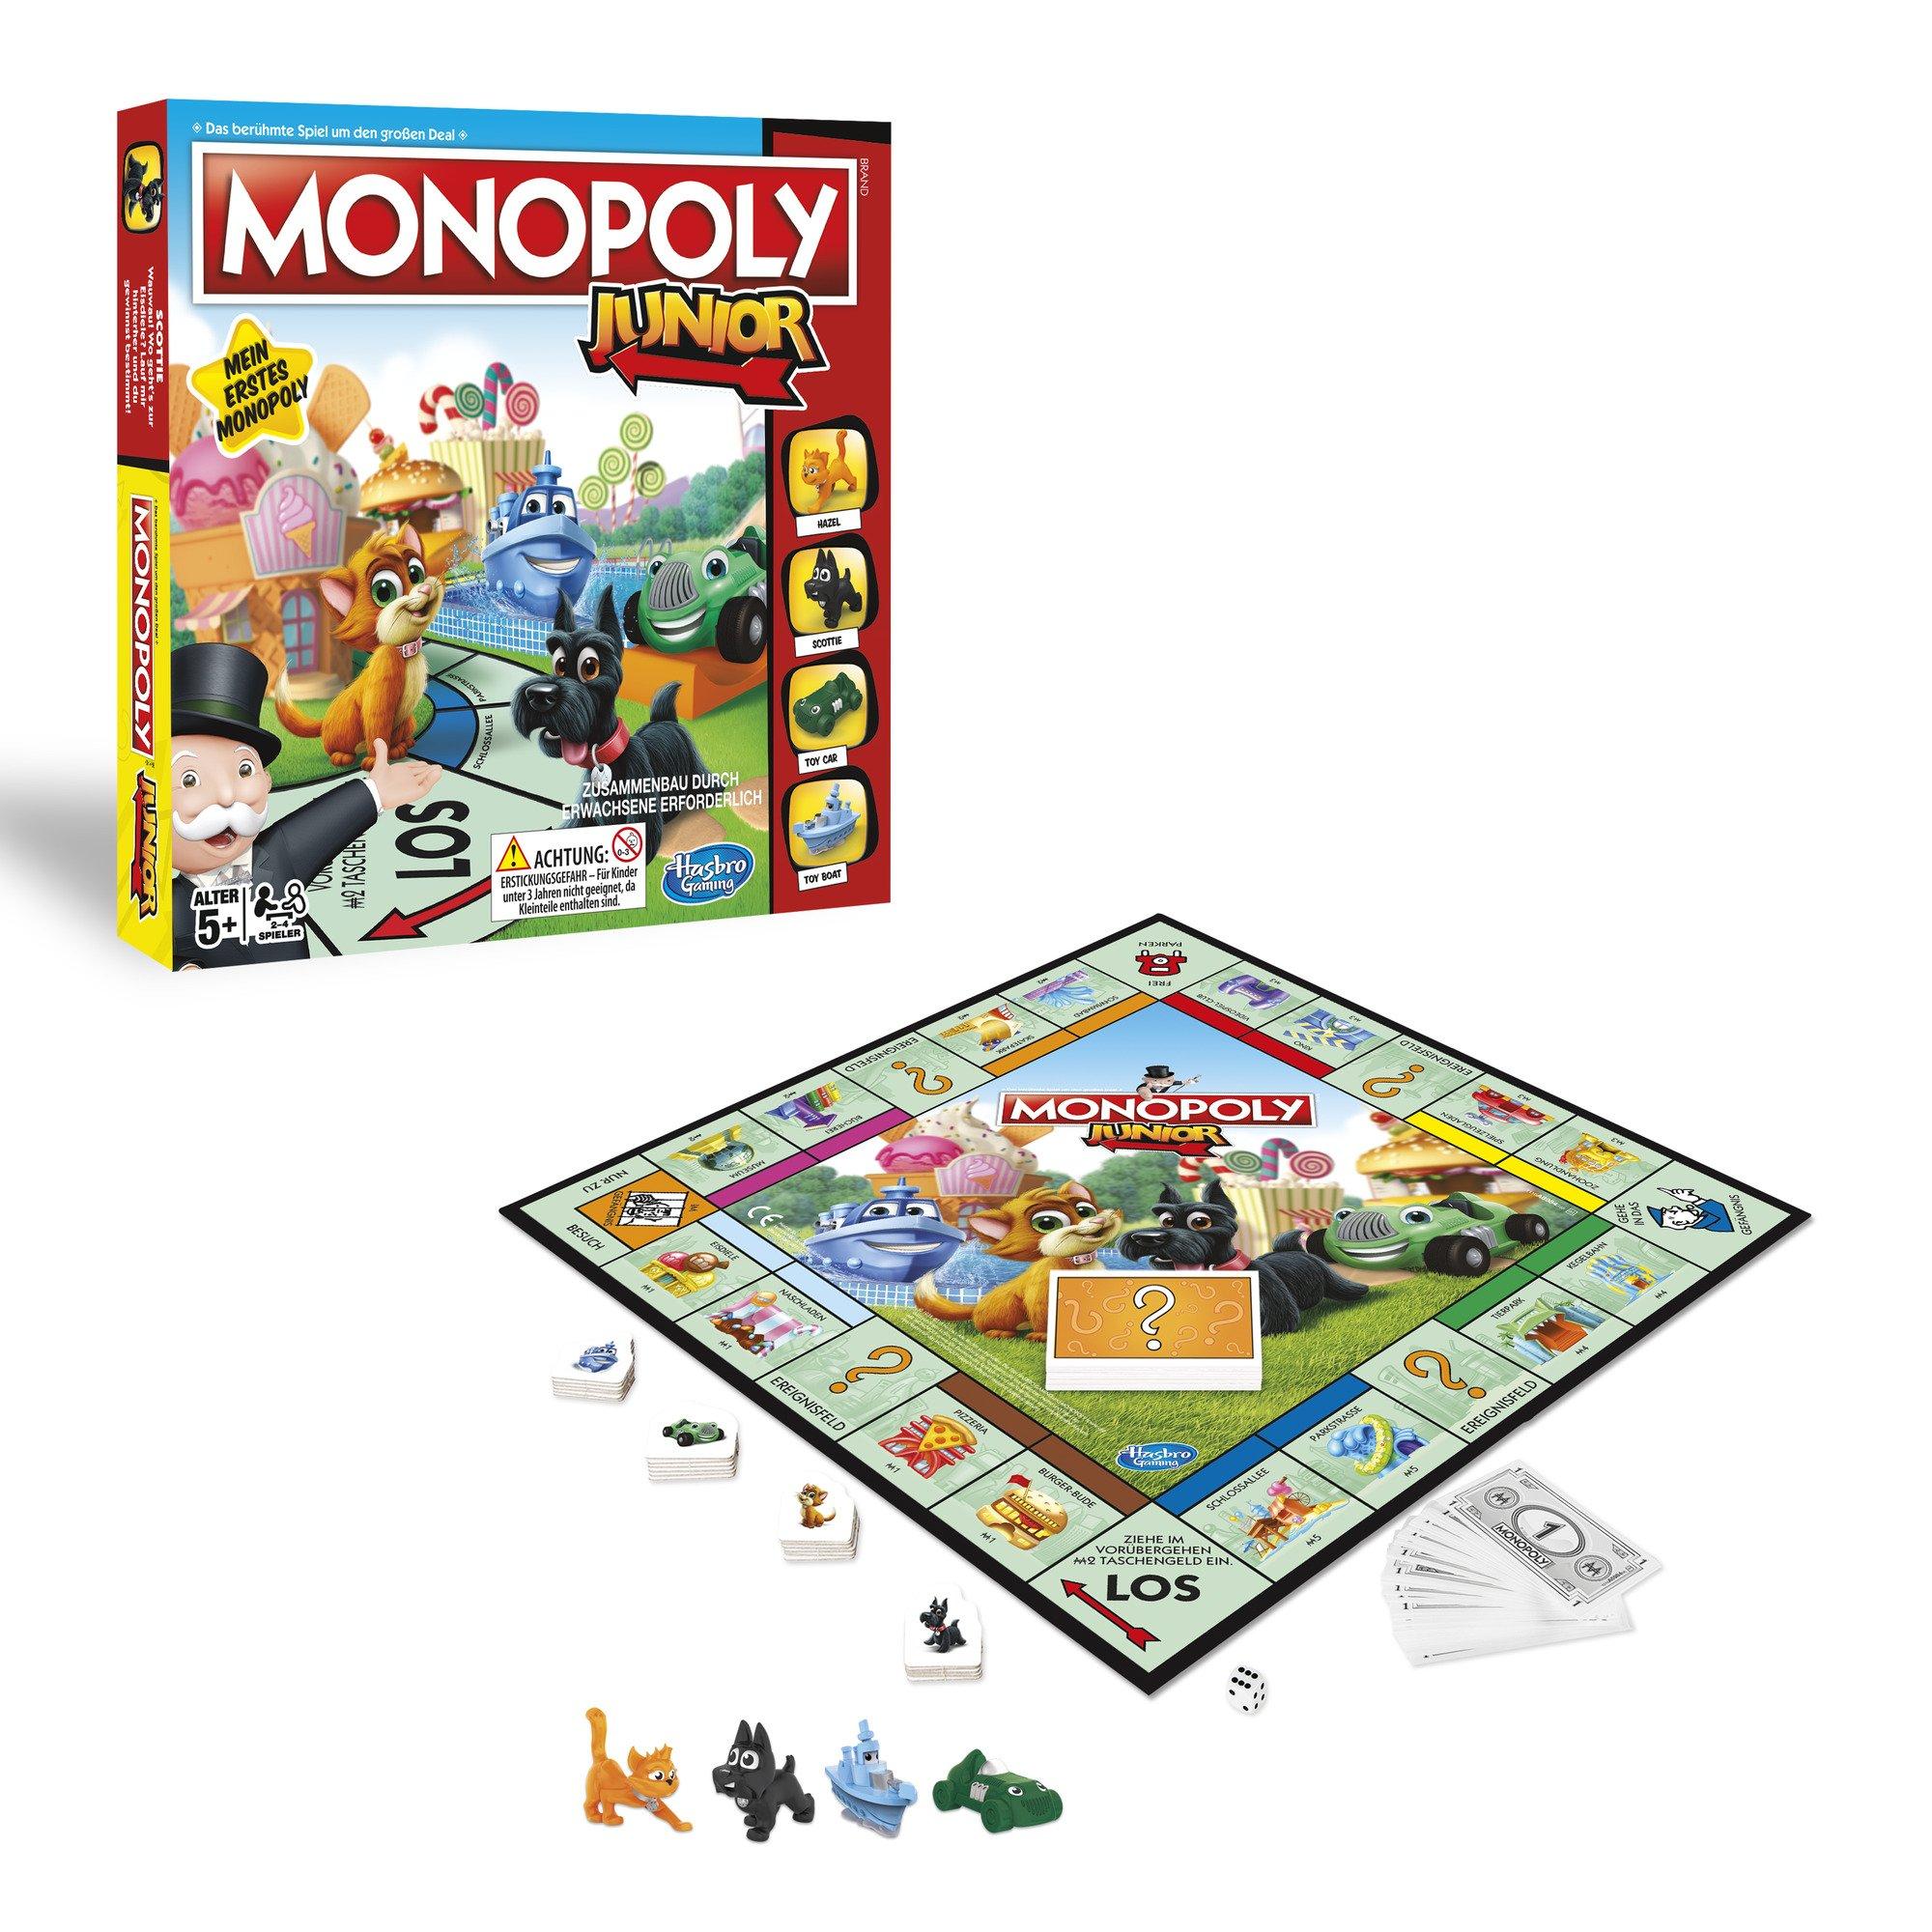 Monopoly Junior Refresh: Amazon.es: Libros en idiomas extranjeros